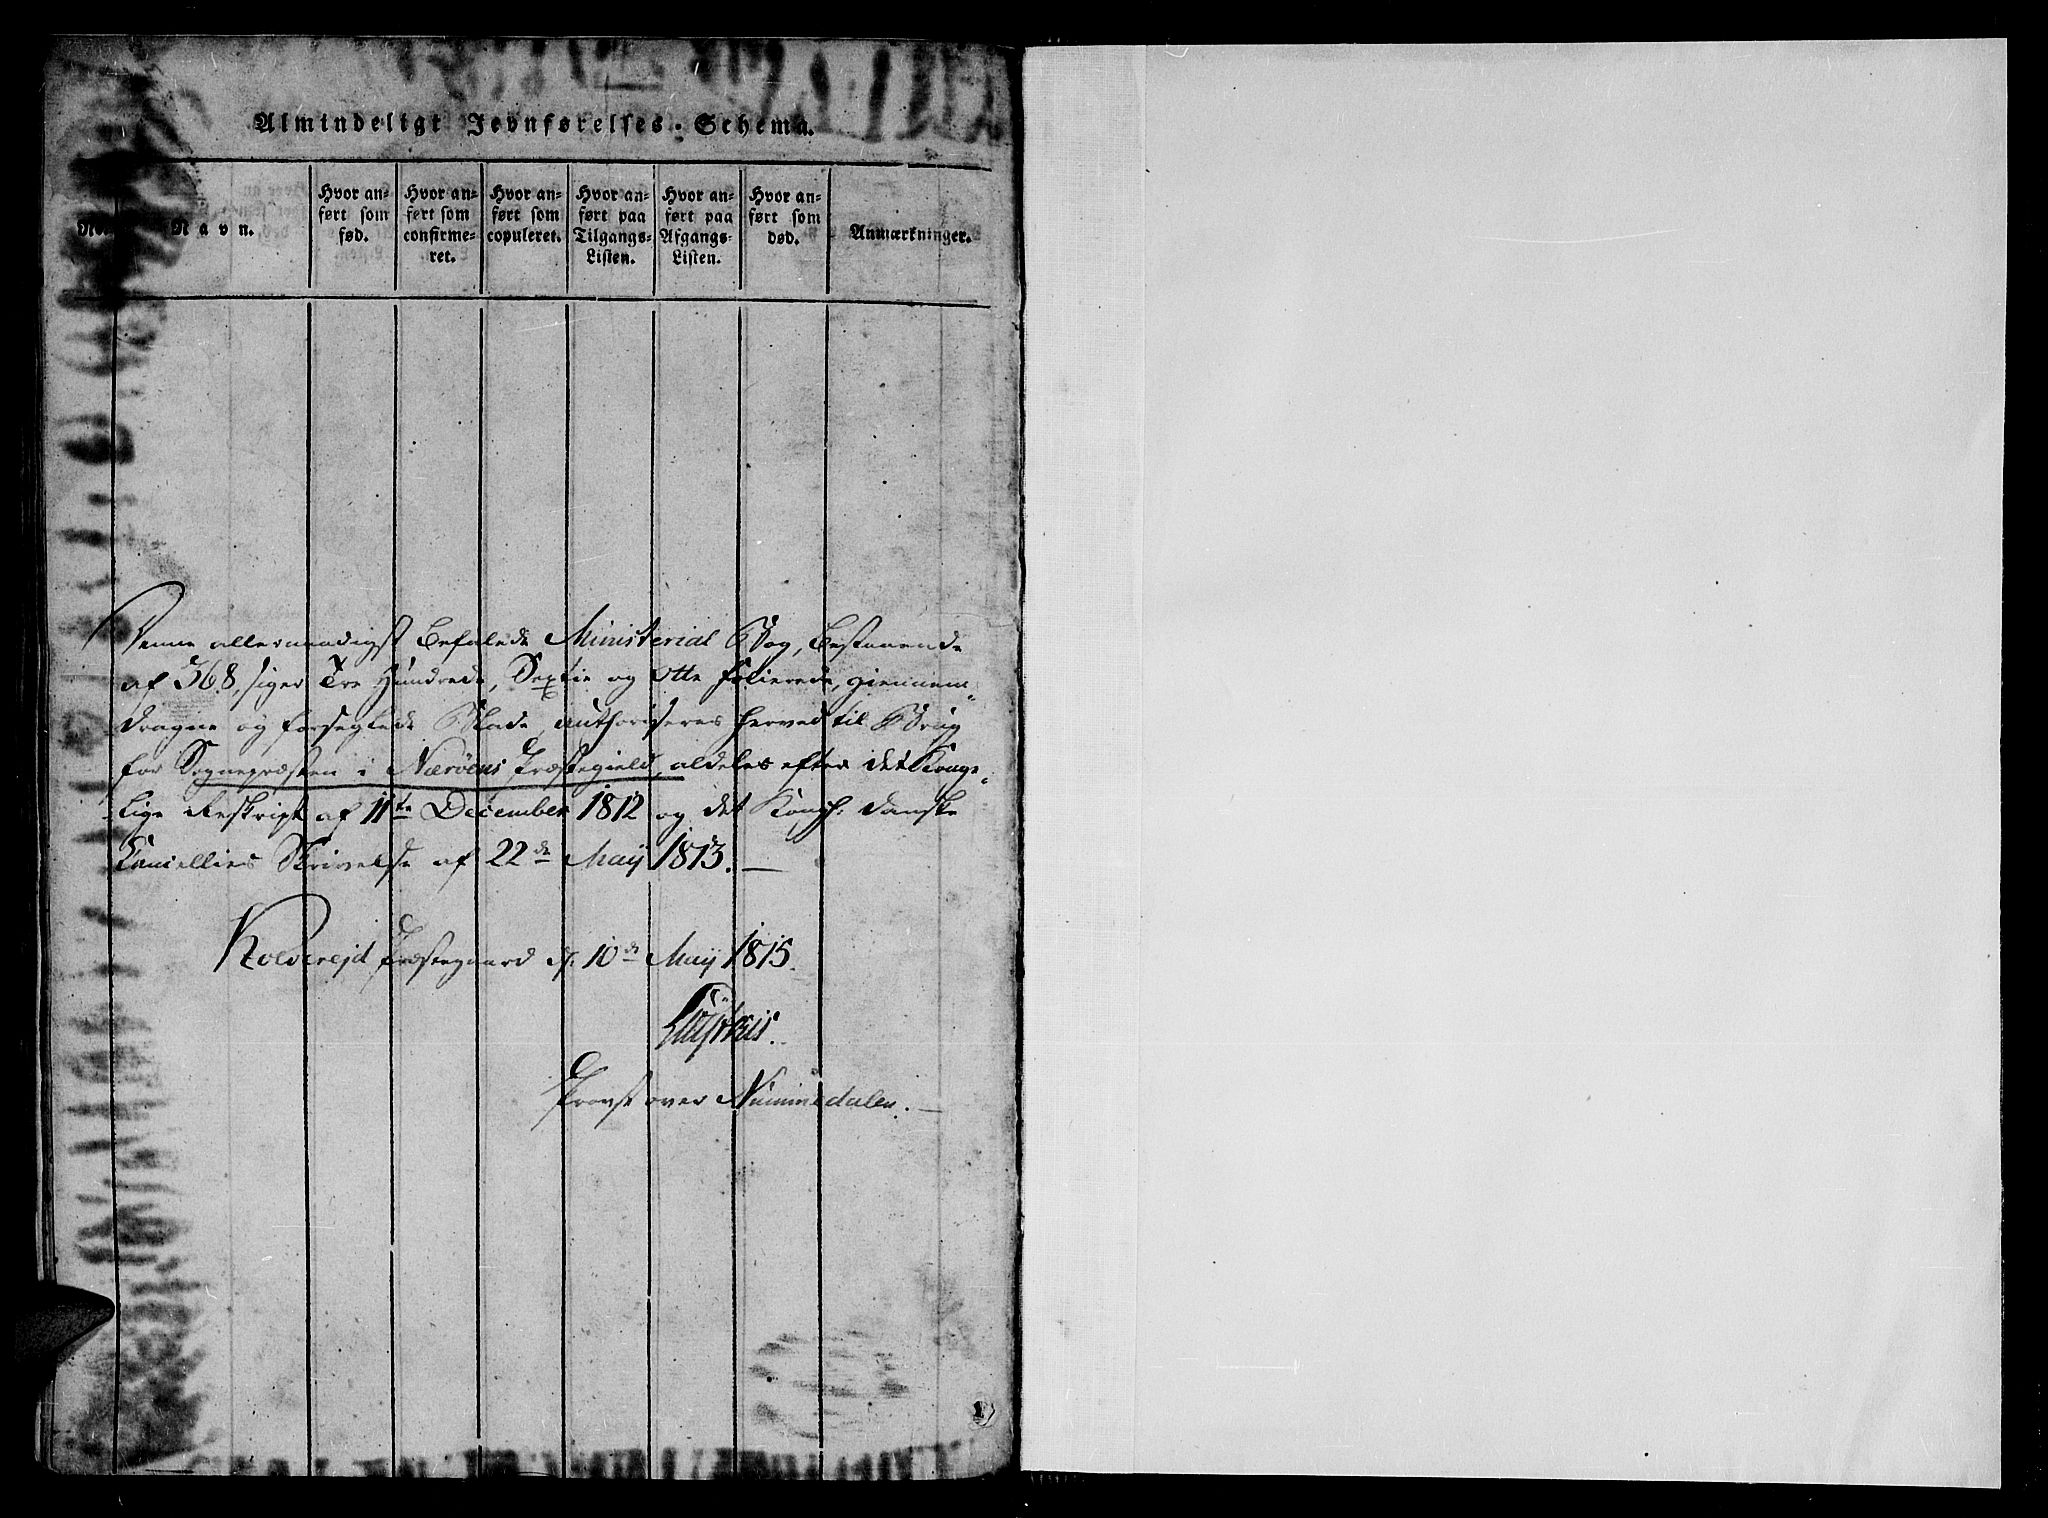 SAT, Ministerialprotokoller, klokkerbøker og fødselsregistre - Nord-Trøndelag, 784/L0667: Ministerialbok nr. 784A03 /1, 1816-1829